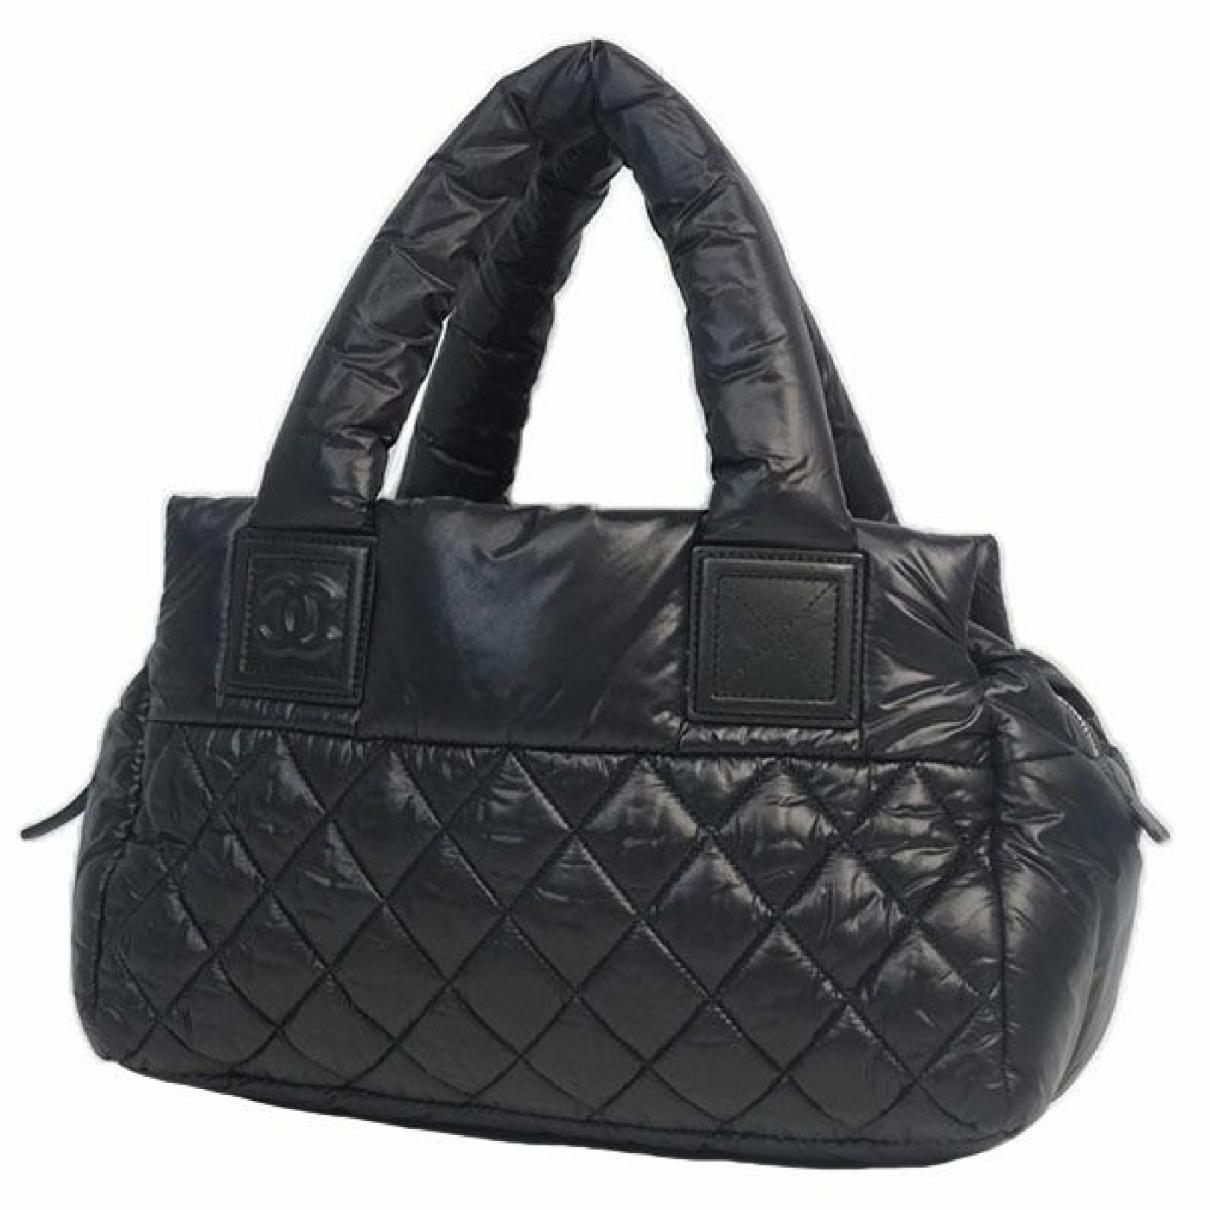 Chanel - Sac de voyage Coco Cocoon pour femme - noir